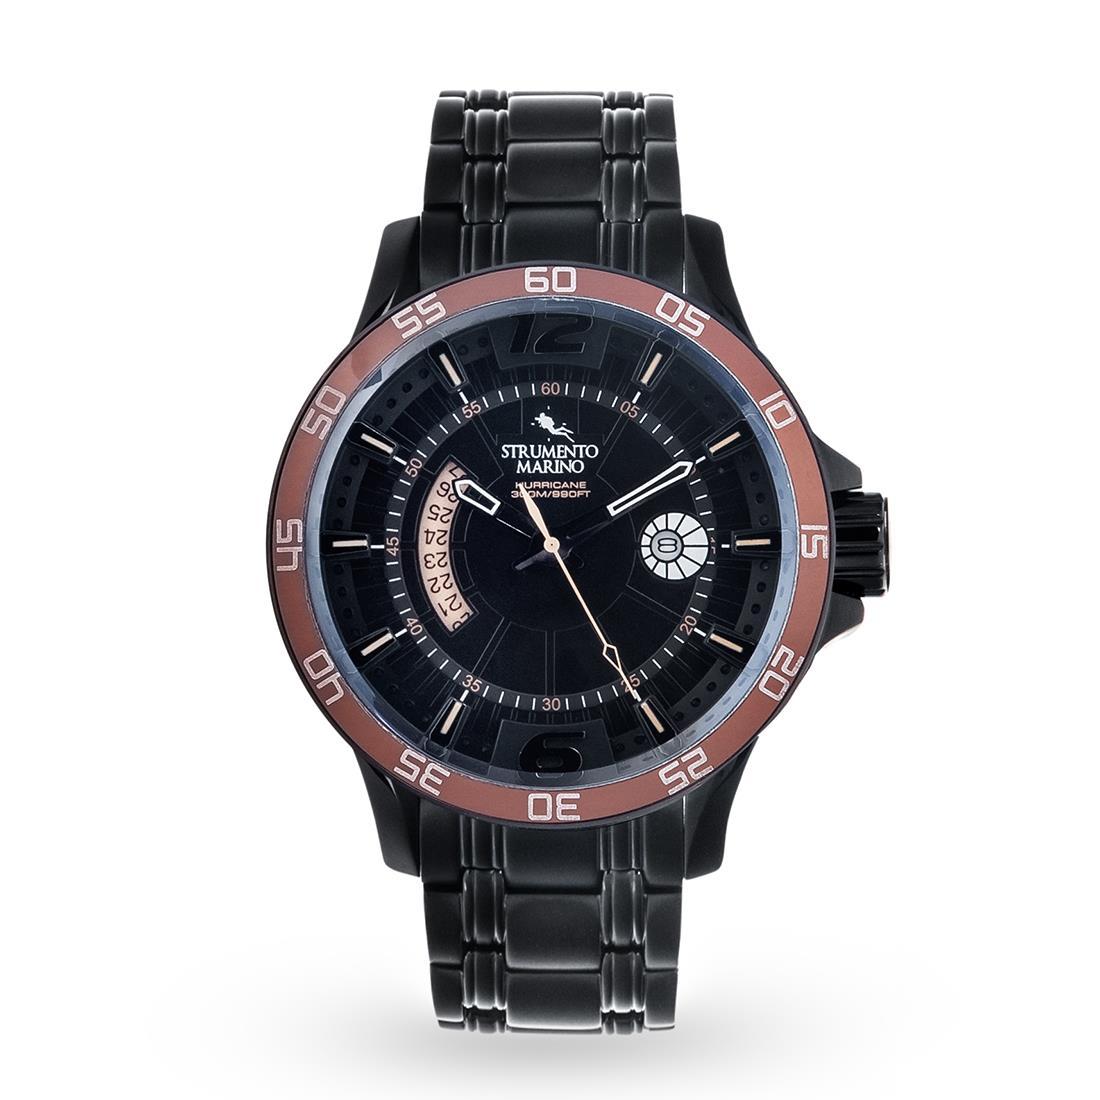 Orologio cassa 46 mm in acciaio - STRUMENTO MARINO